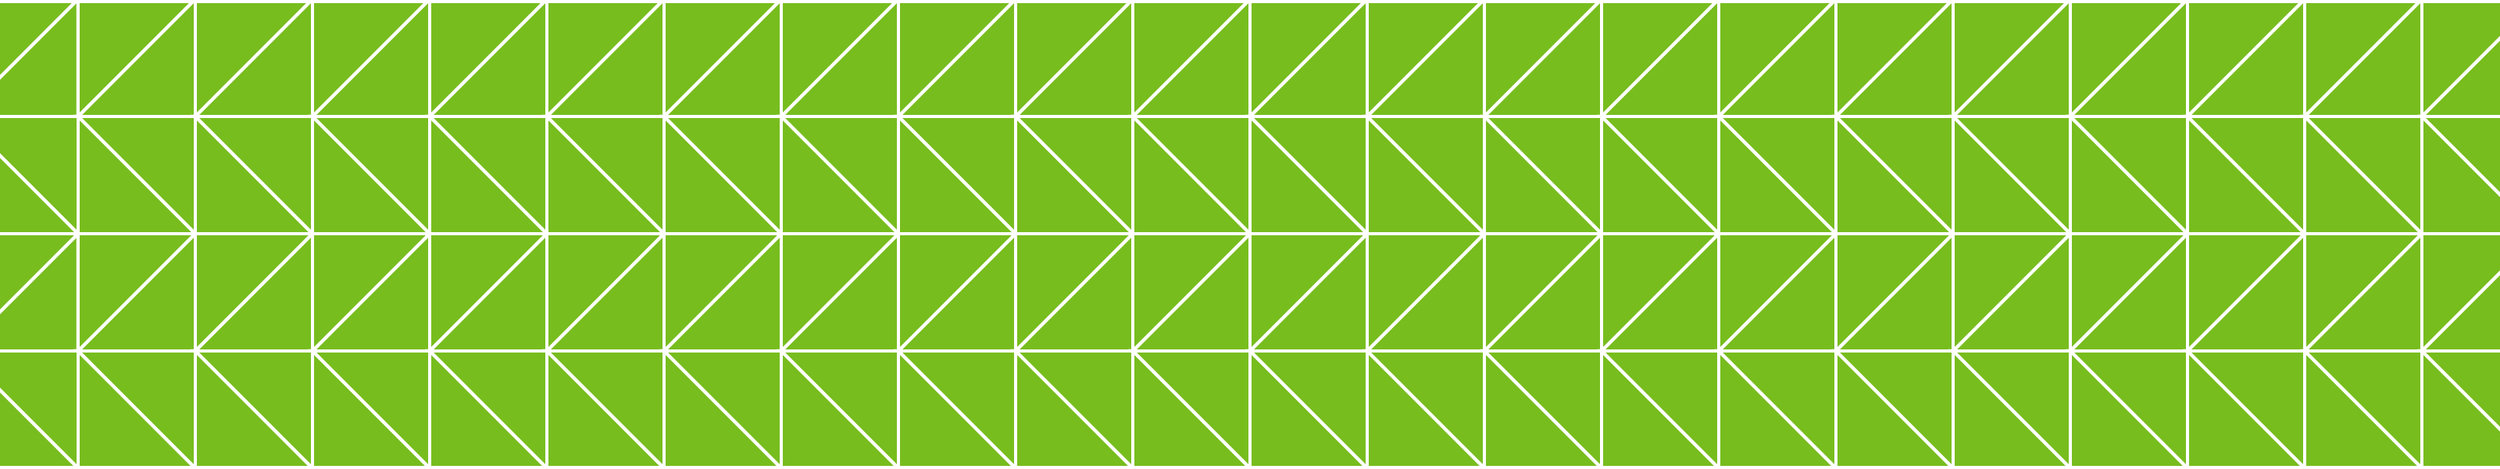 coa-pattern_02 copy@2x.jpg